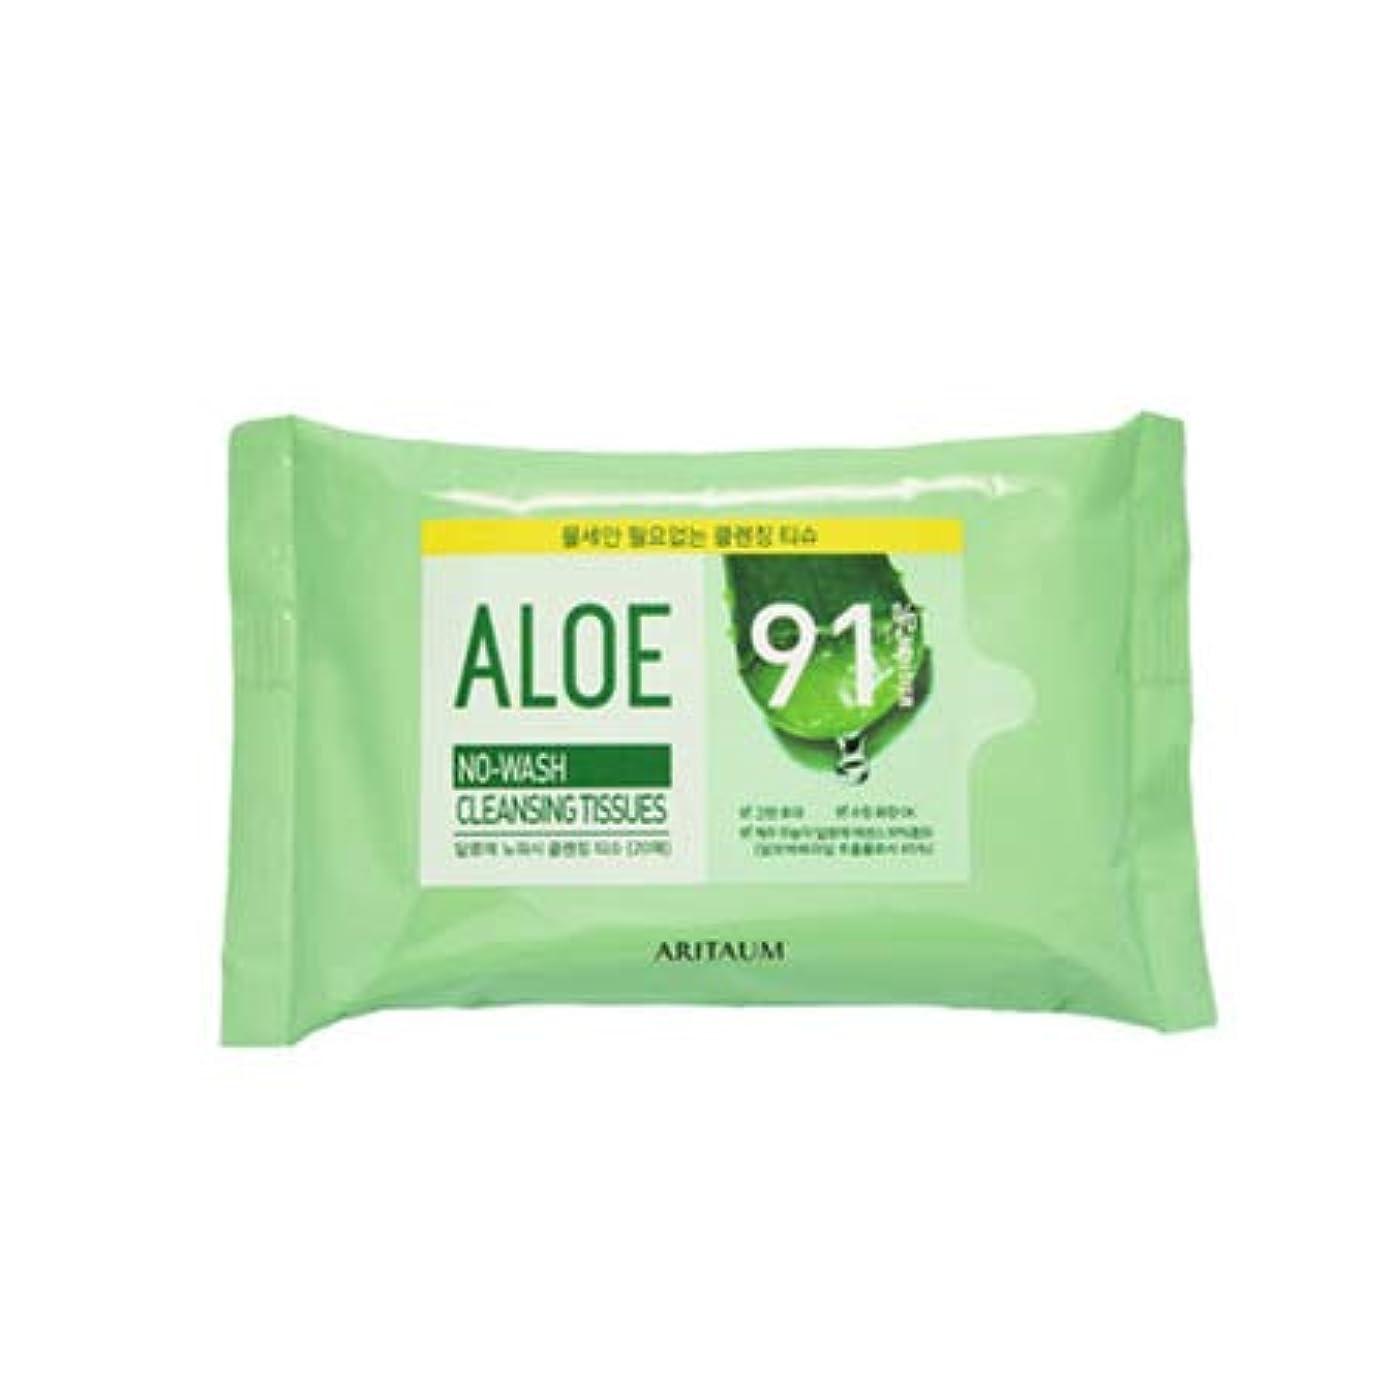 出費自宅で忠誠【アリタウム.aritaum]アロエノーウォッシュクレンジングティッシュ20枚(2019.07 new)×2ea/ aloe no wash clwansing tissue(20sheet×2ea) (20 sheet)